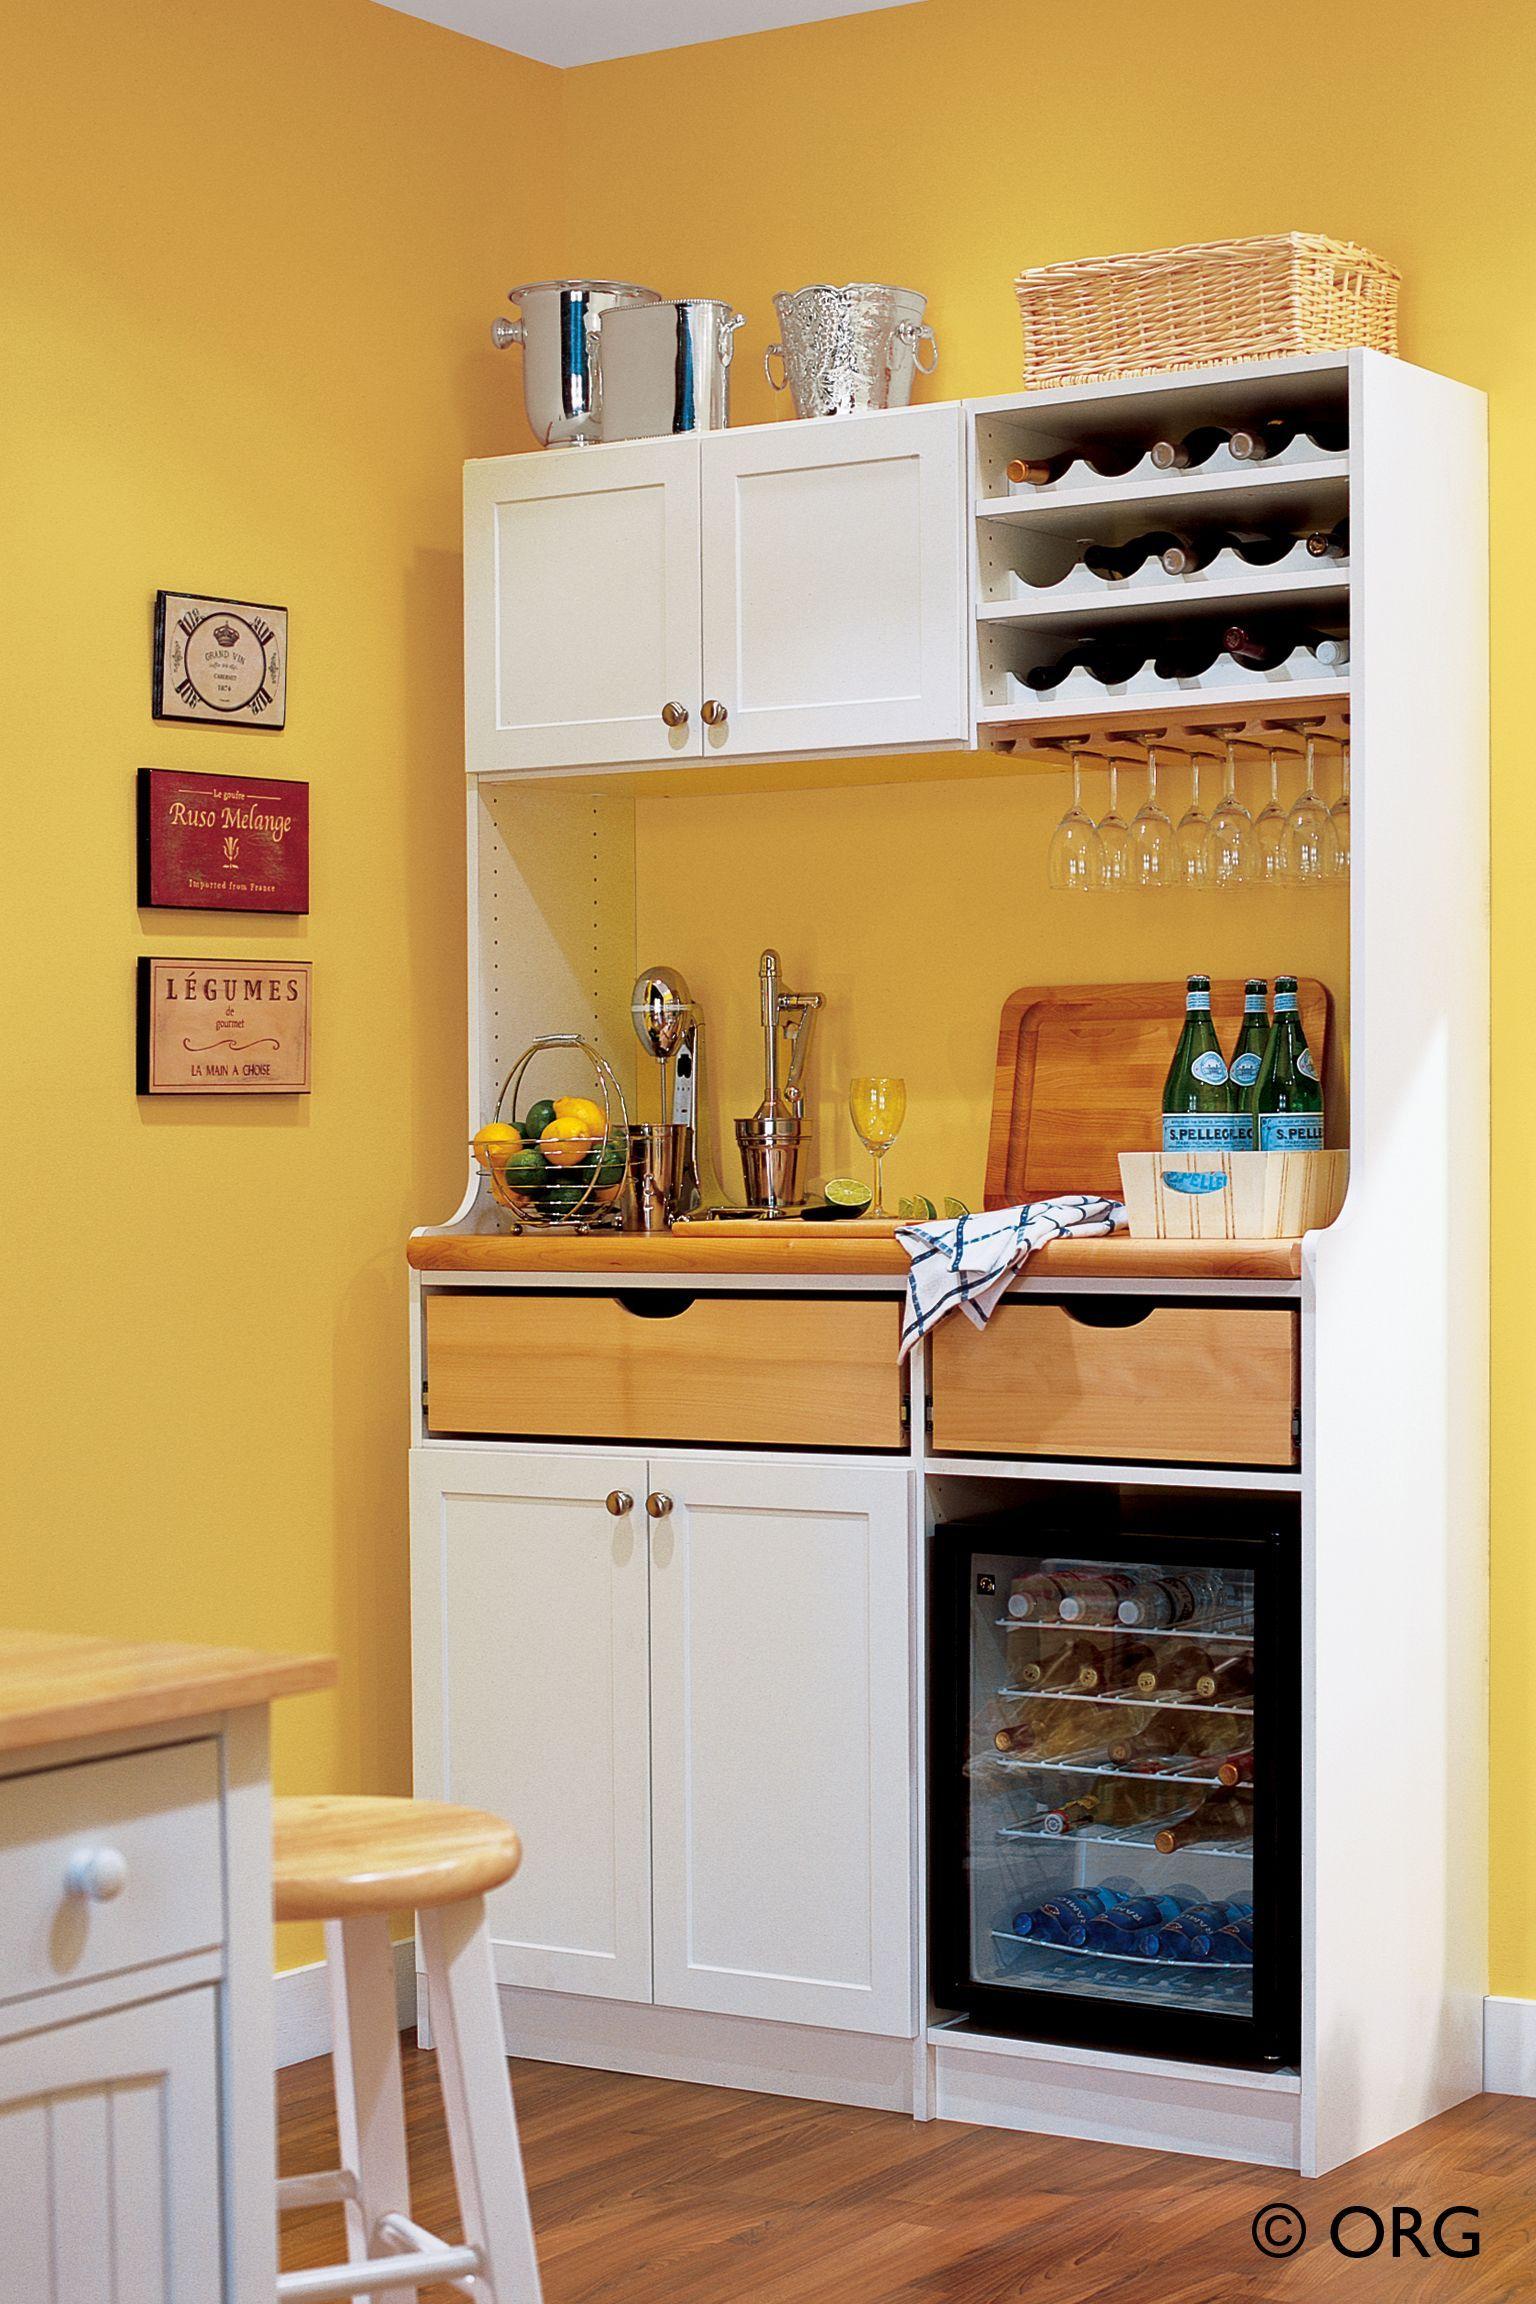 Effective Management Of The Small Kitchen Storage Cabinet Darbylanefurni In 2020 Apartment Kitchen Organization Small Kitchen Cabinet Storage Small Apartment Kitchen